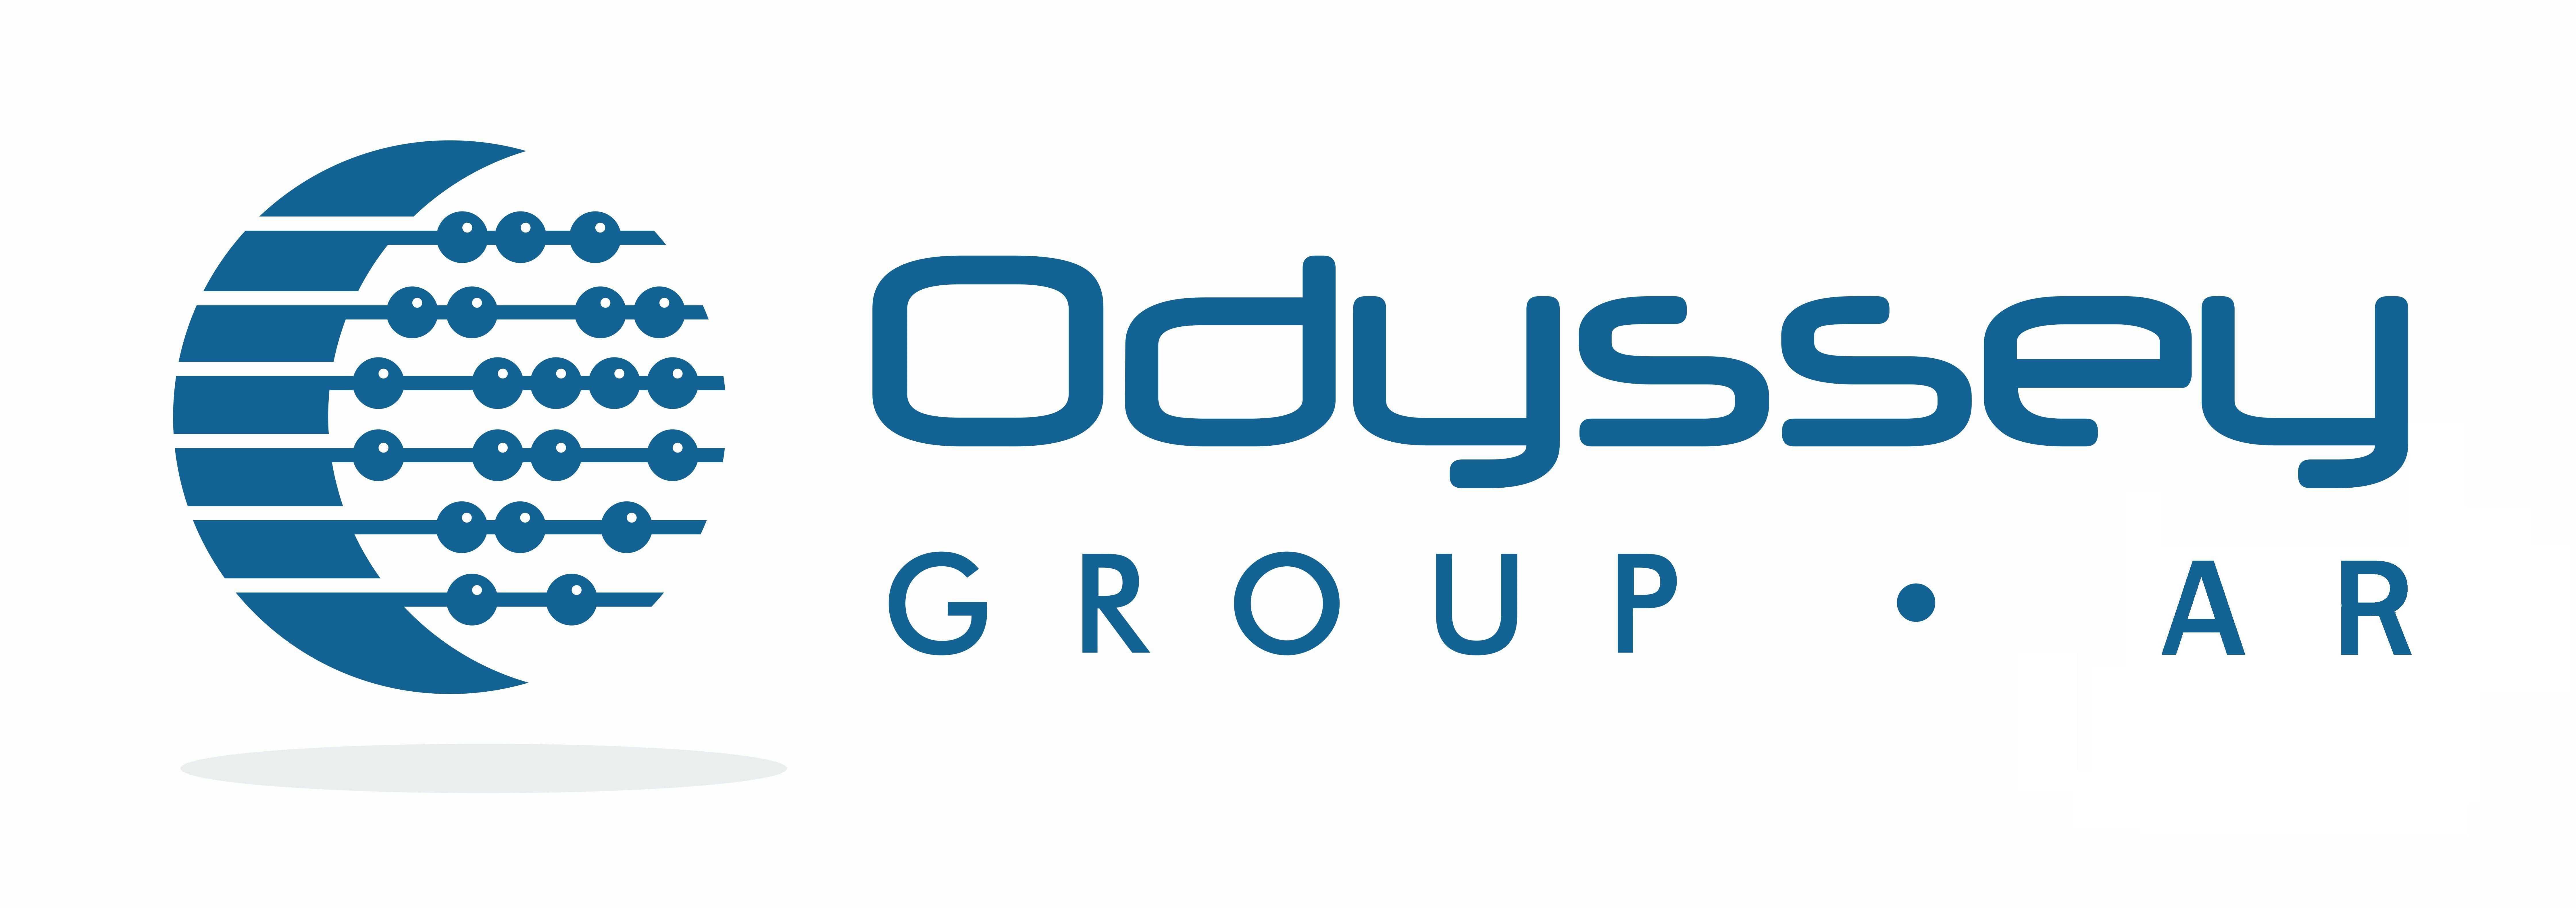 Odyssey Group Ar